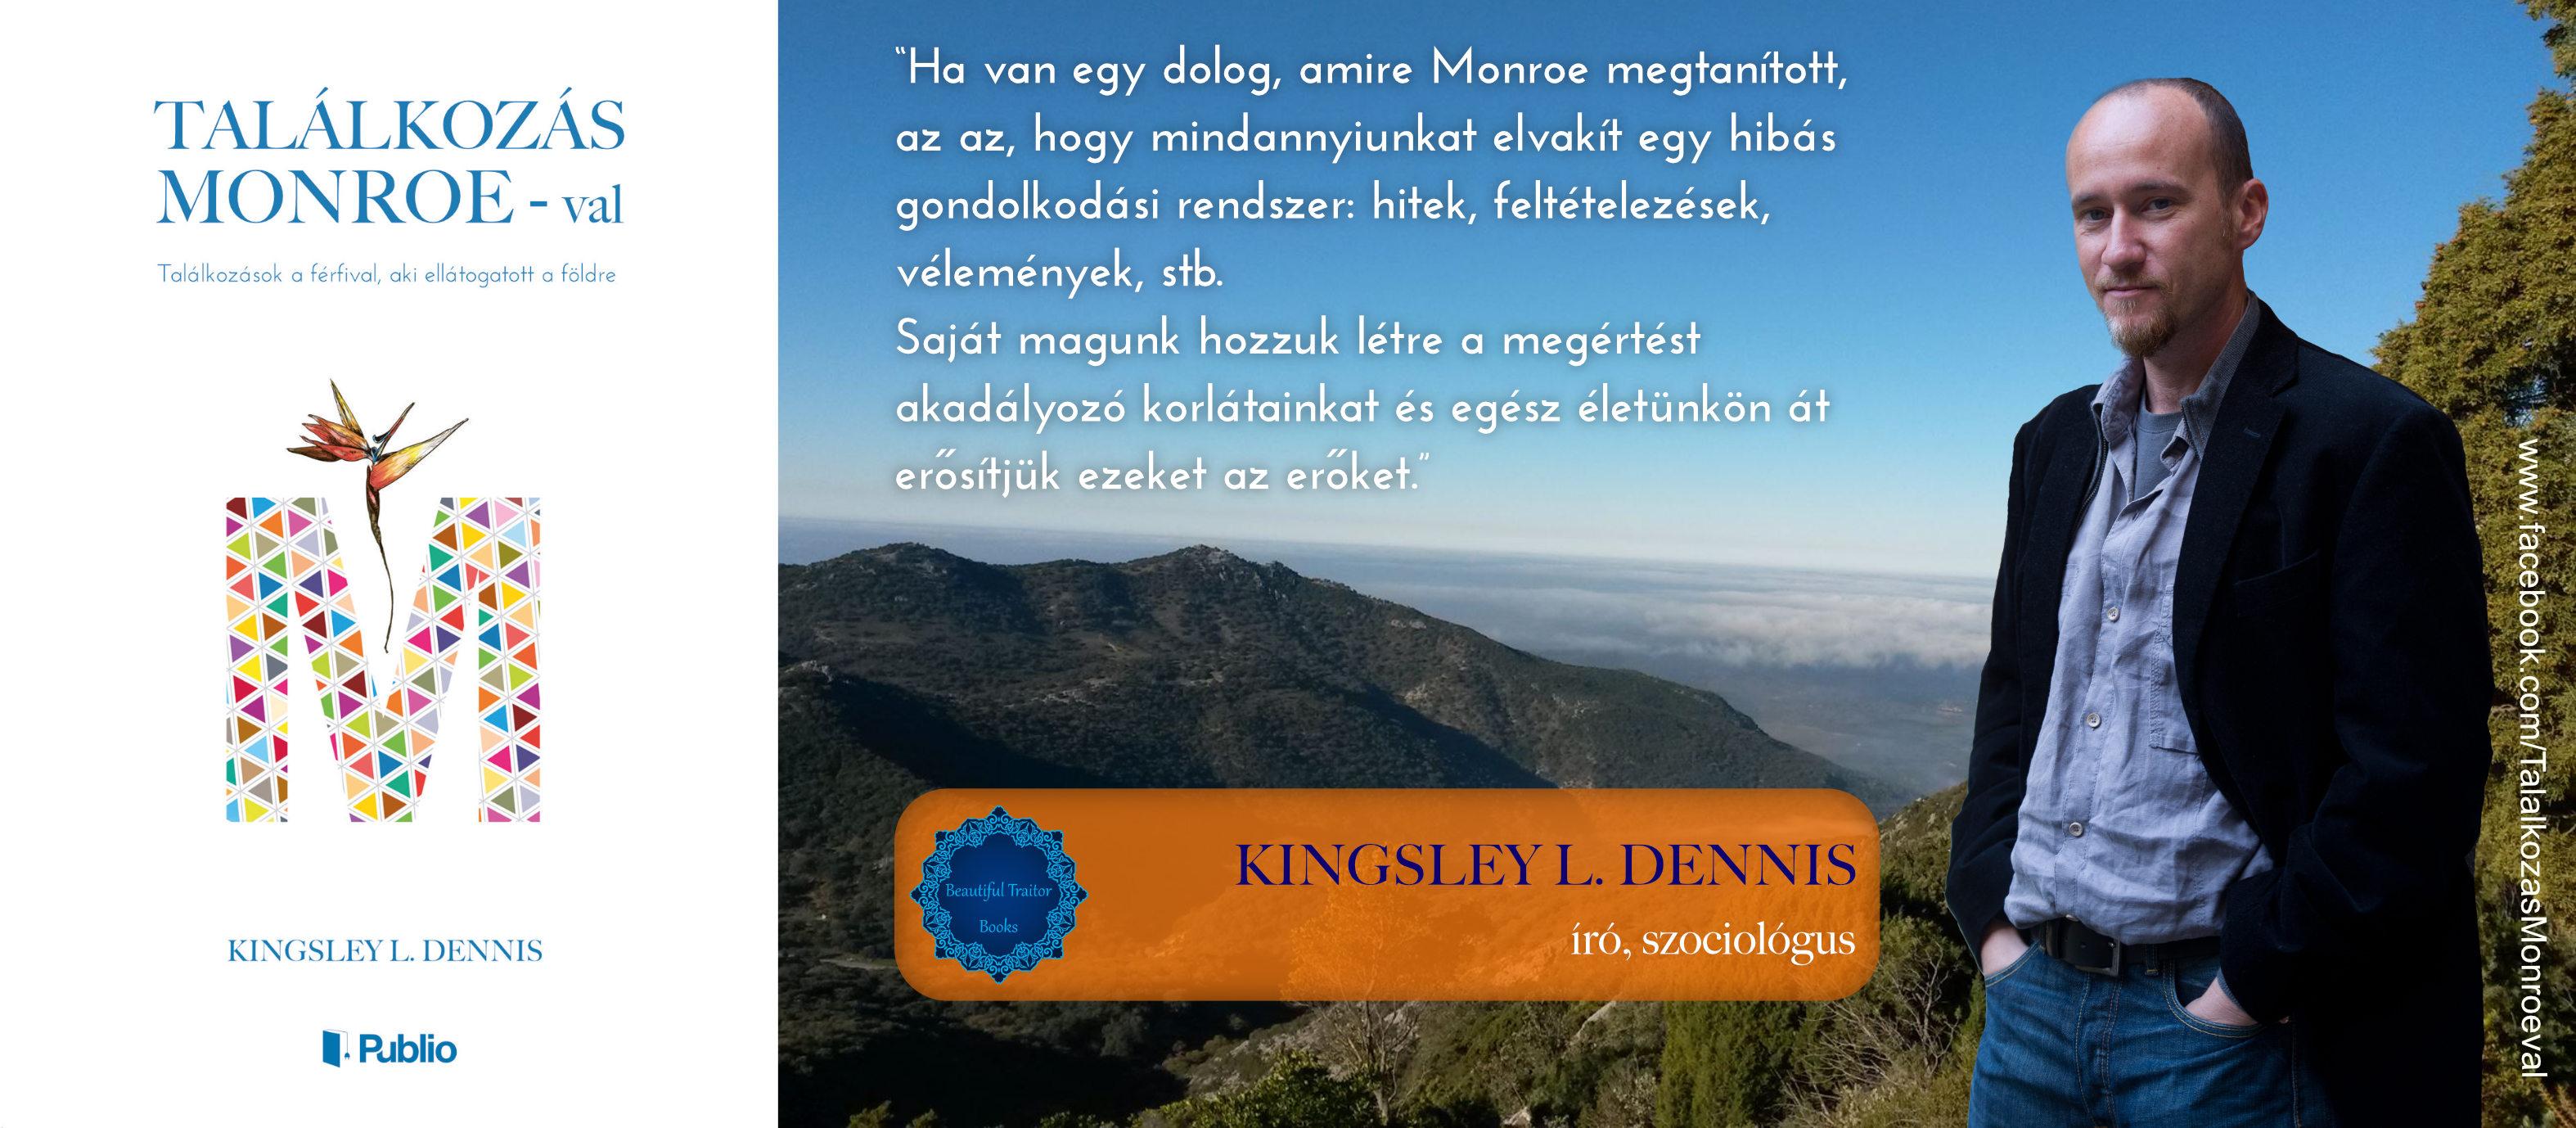 Kingsley L. Dennis magyarul